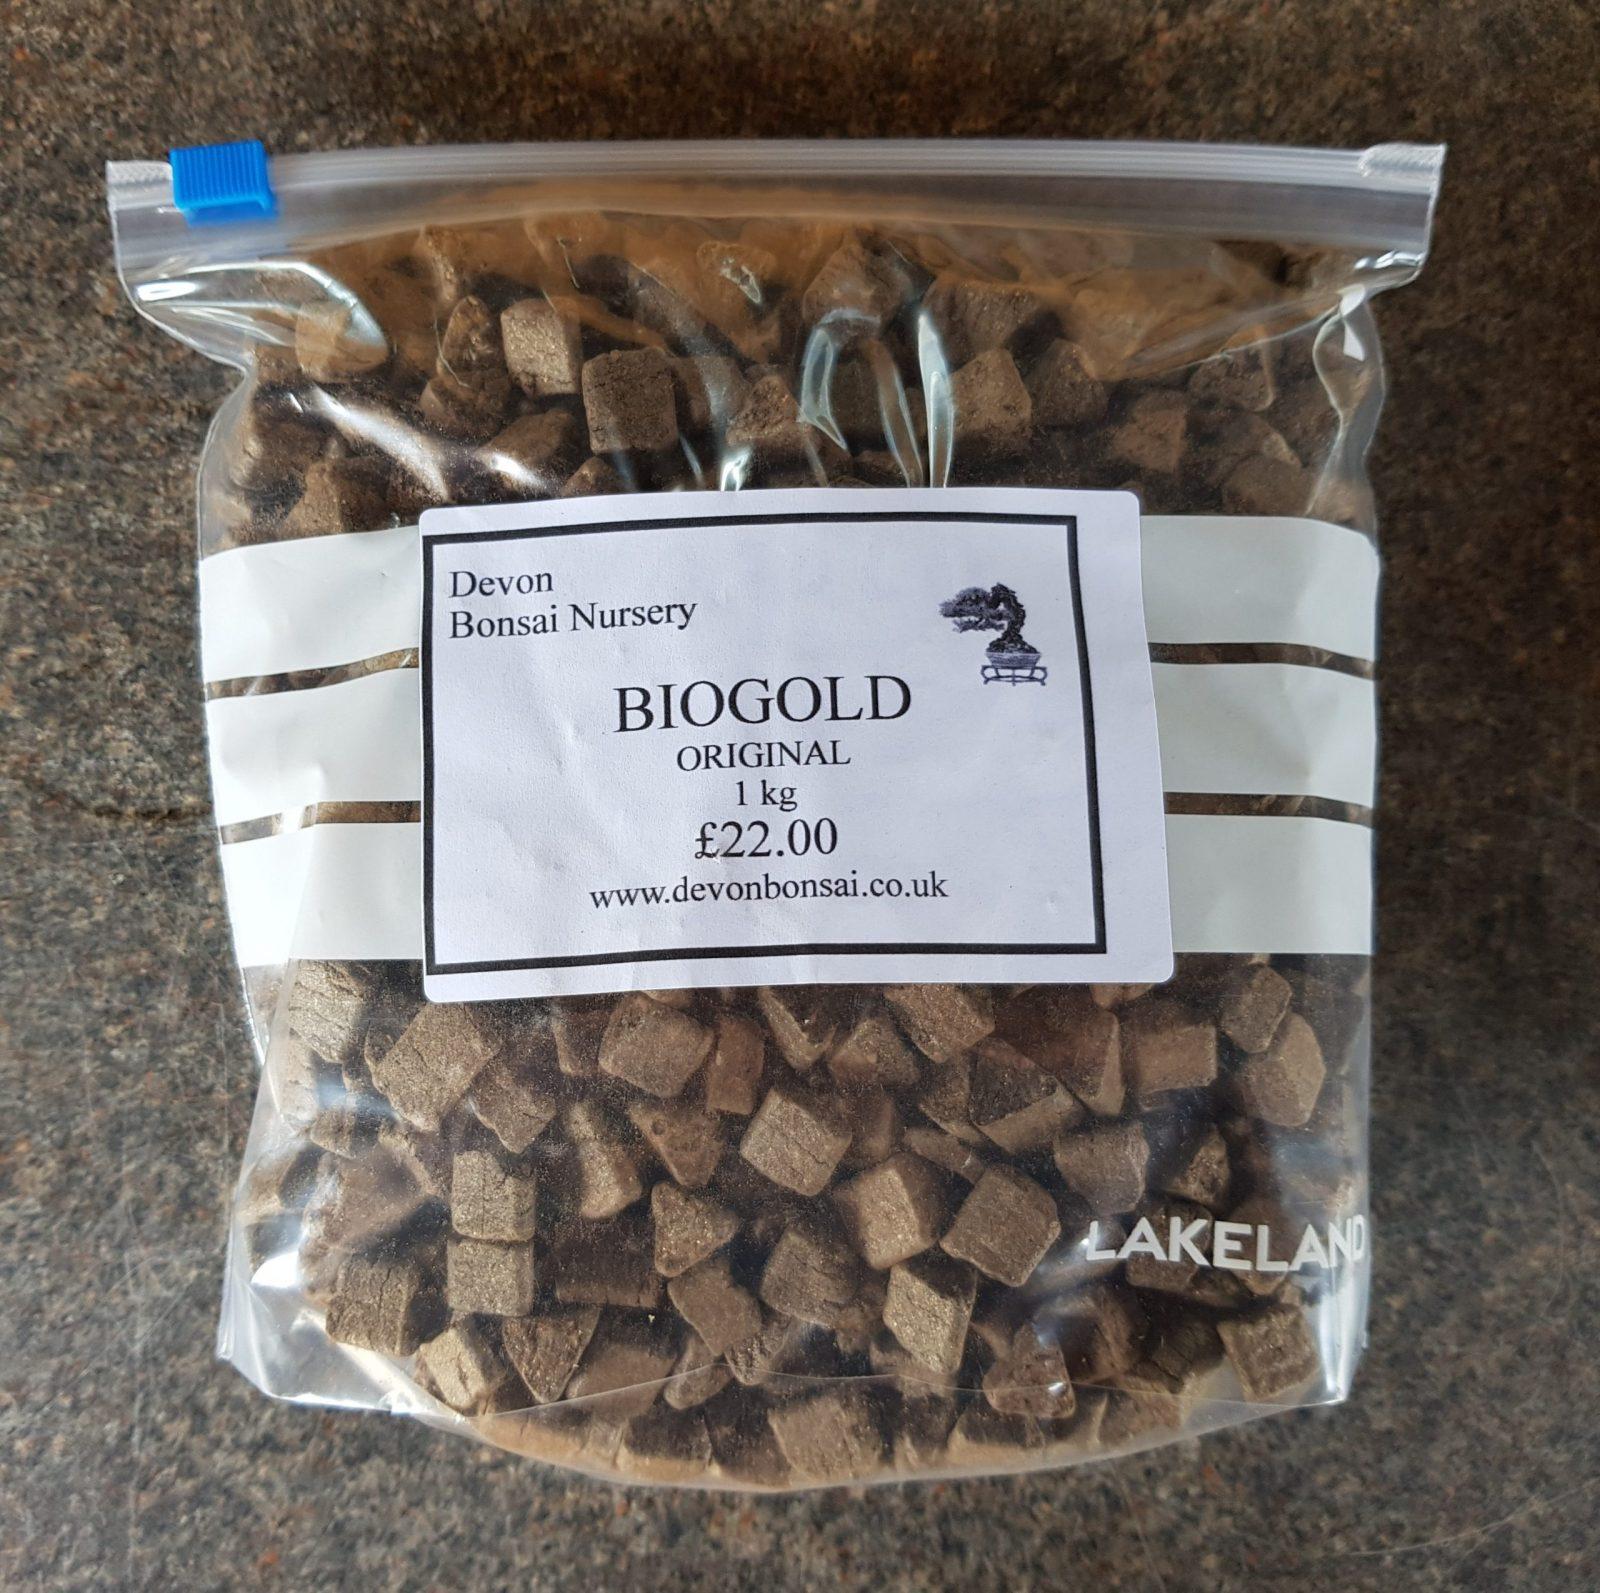 Biogold Fertiliser – 1kg